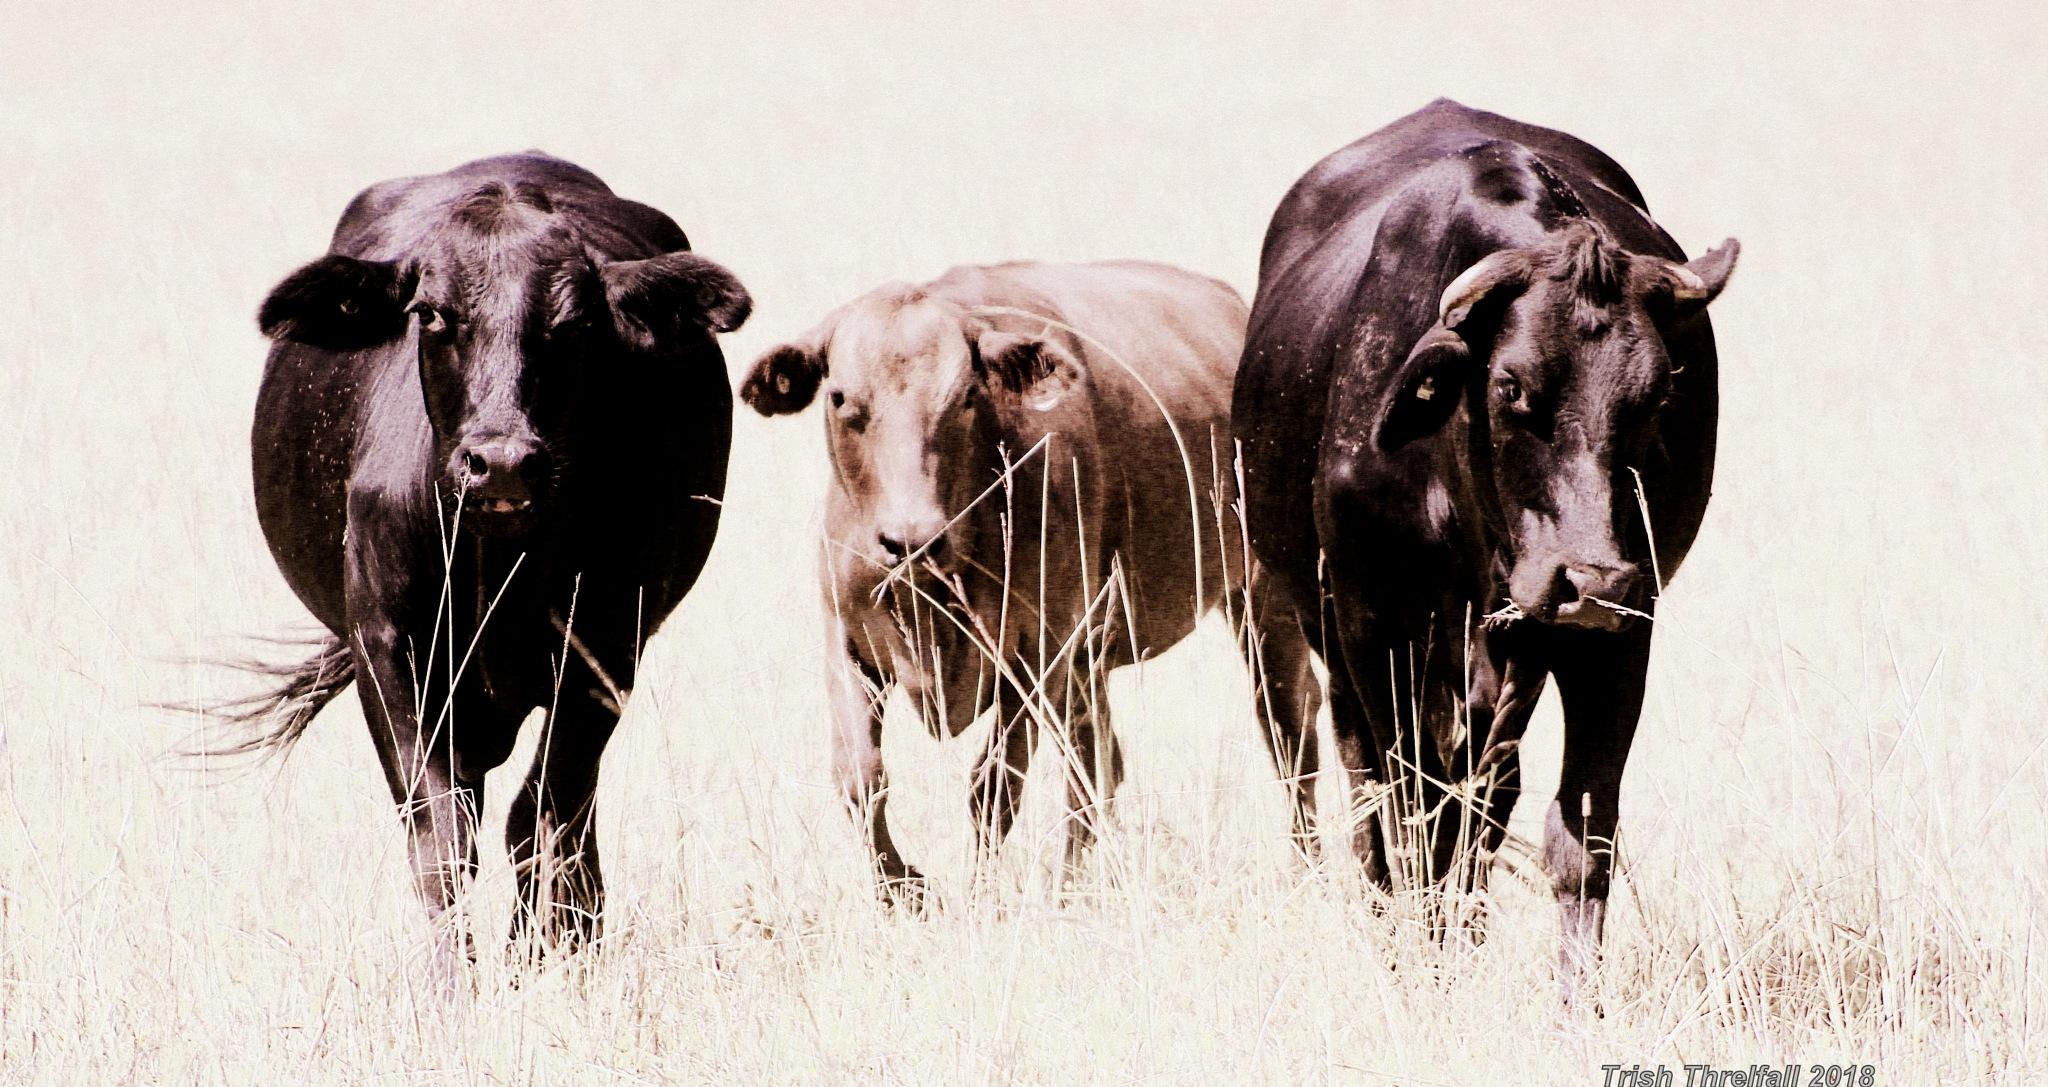 Three Cows by Trish Threlfall